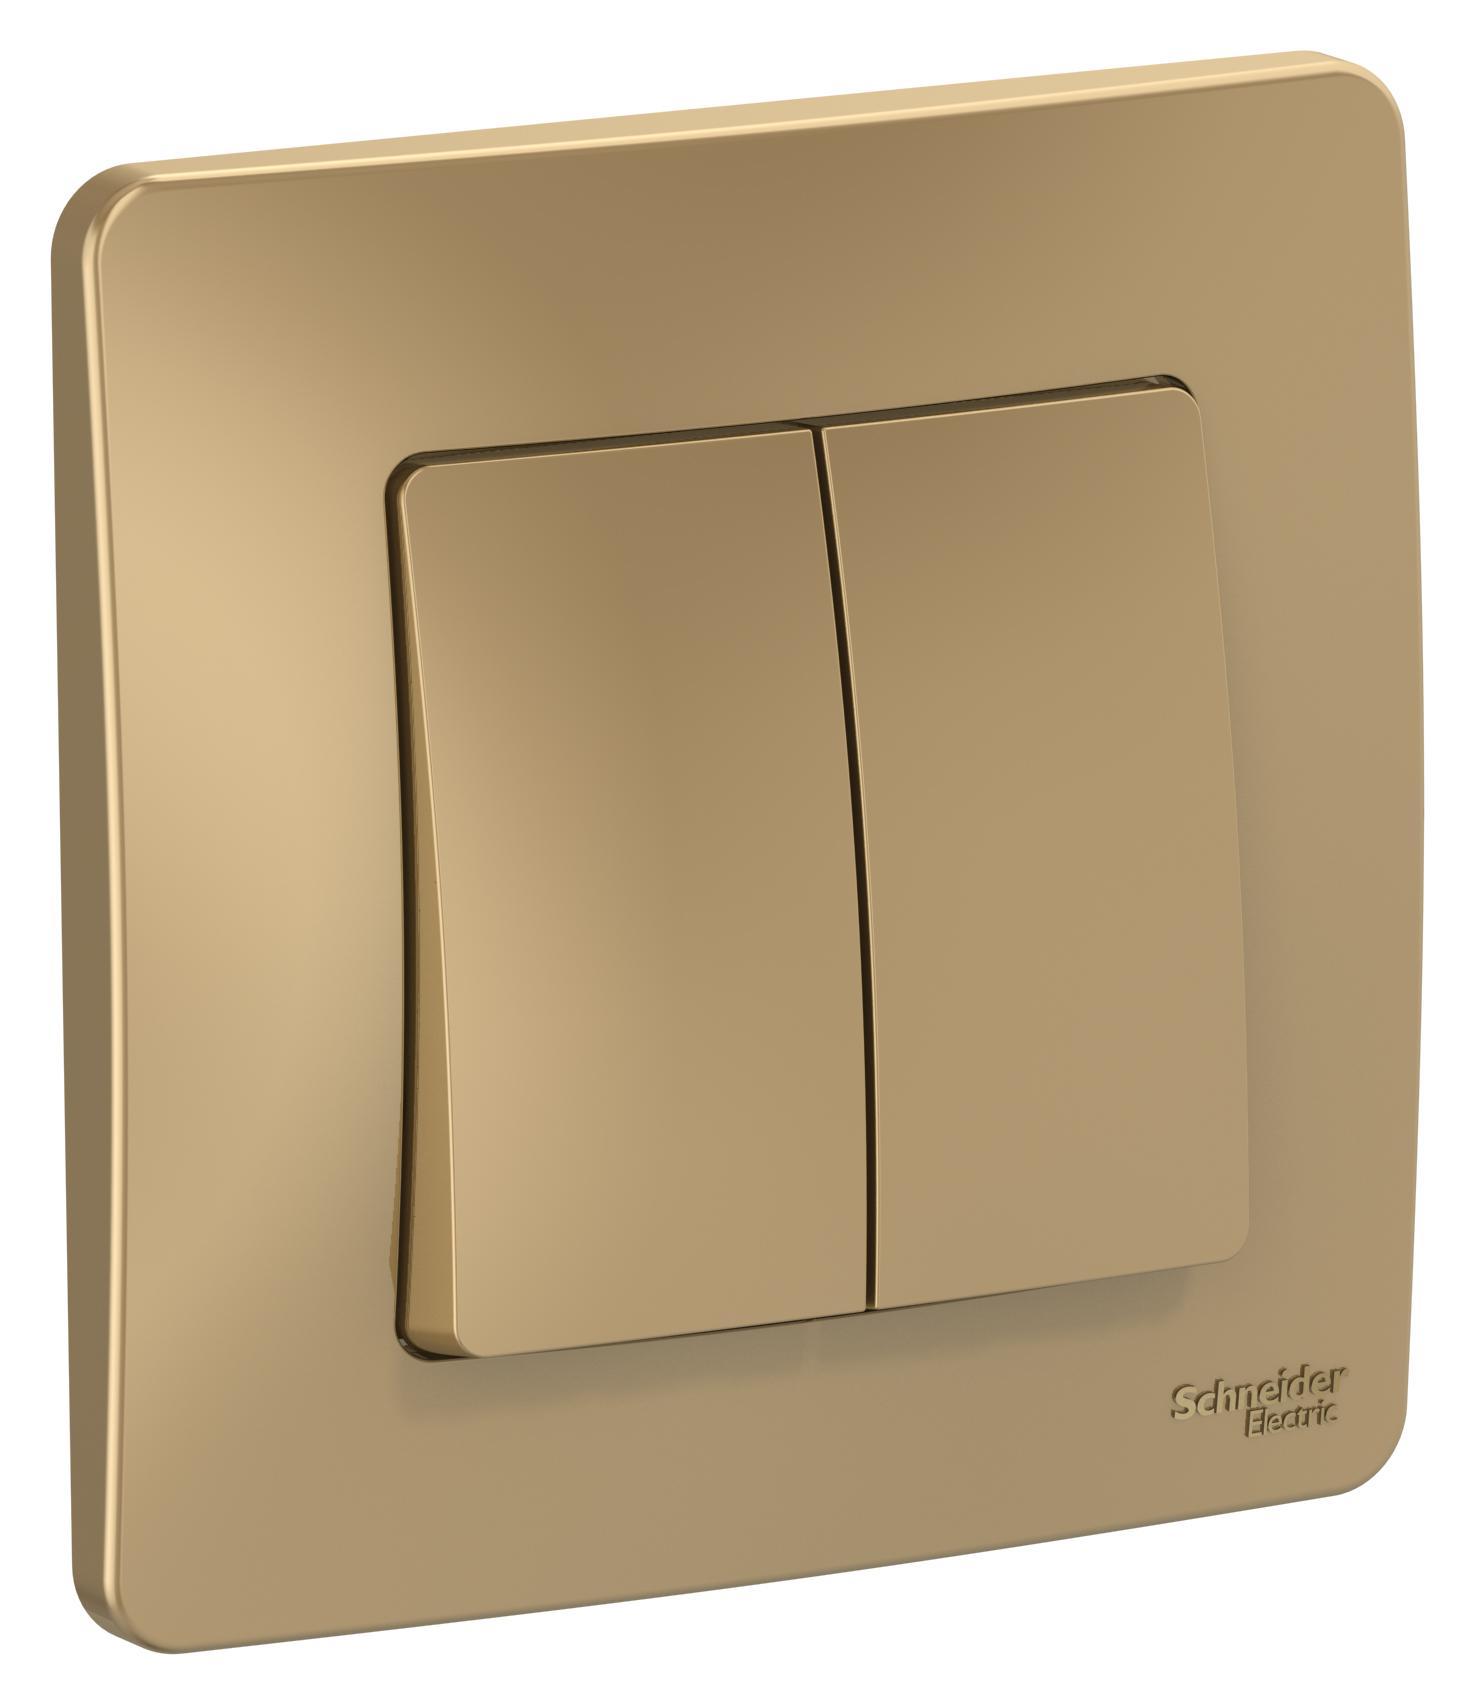 Купить Выключатель Schneider electric Blnvs010504 blanca